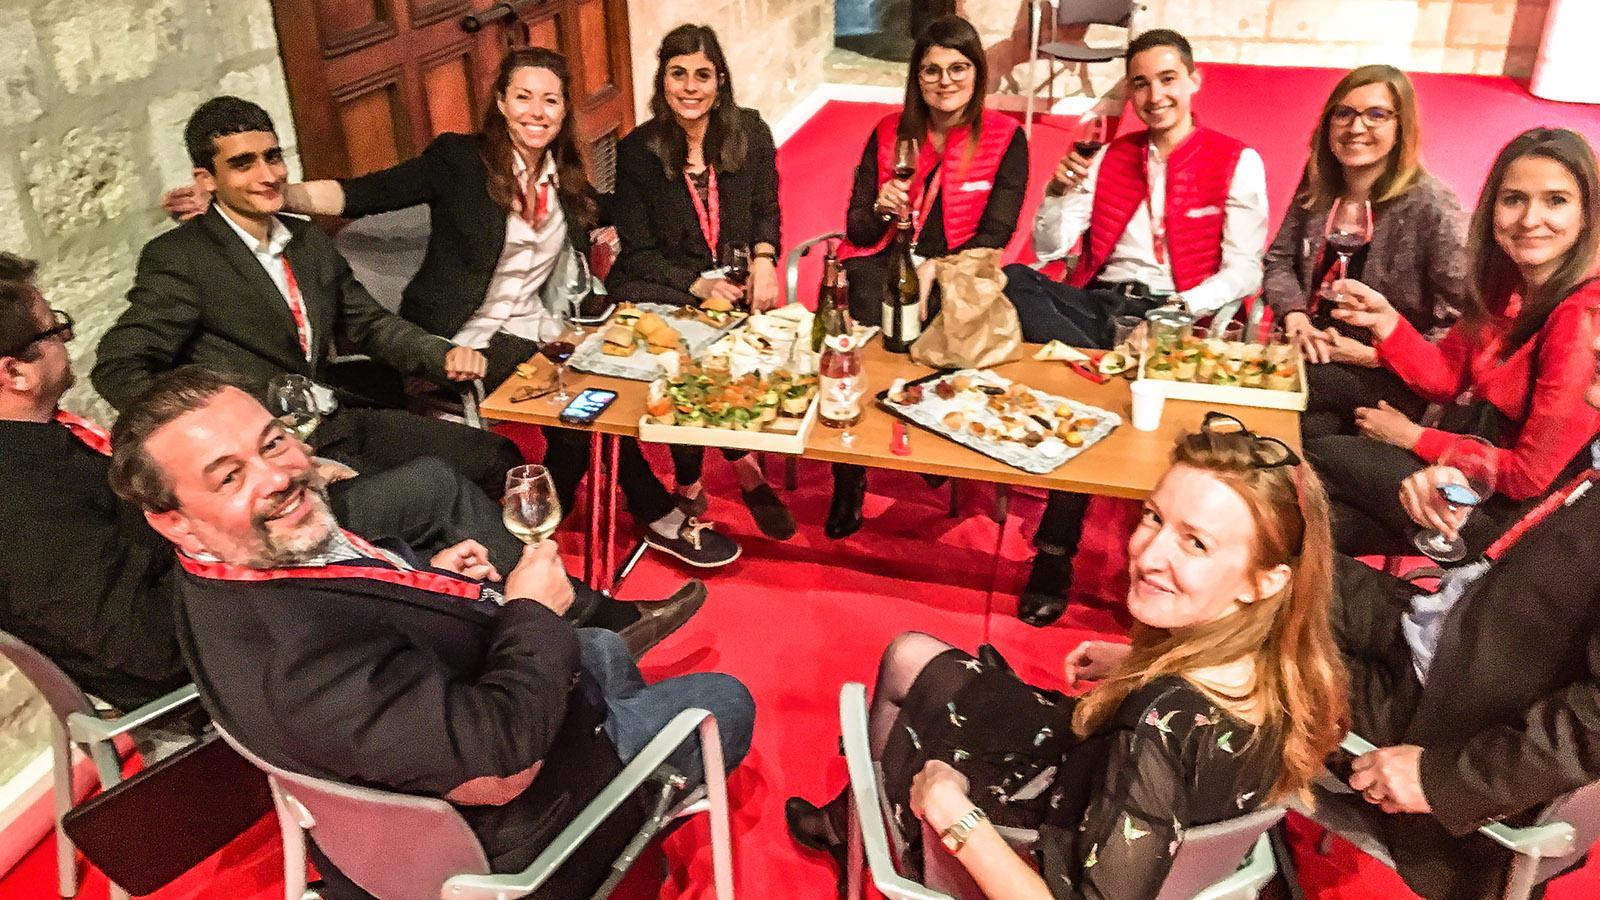 Michel Chapoutier von Inter-Rhône mit seinem Team. Foto: Hilke Maunder